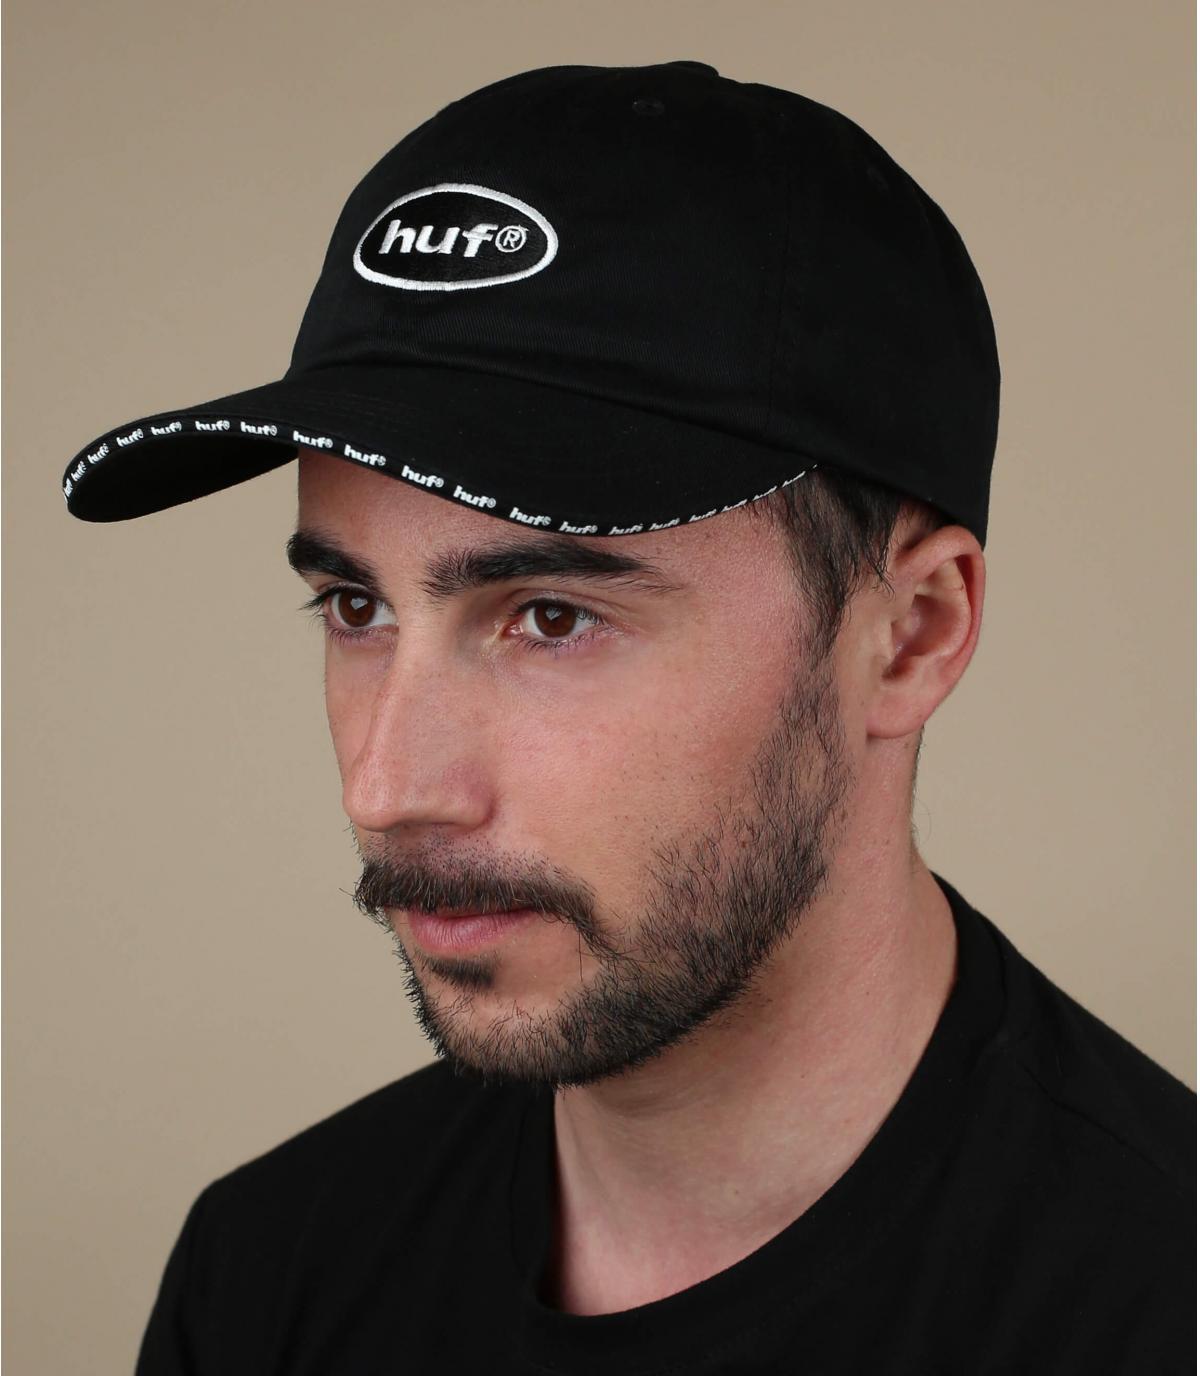 Cappellino Huf nero